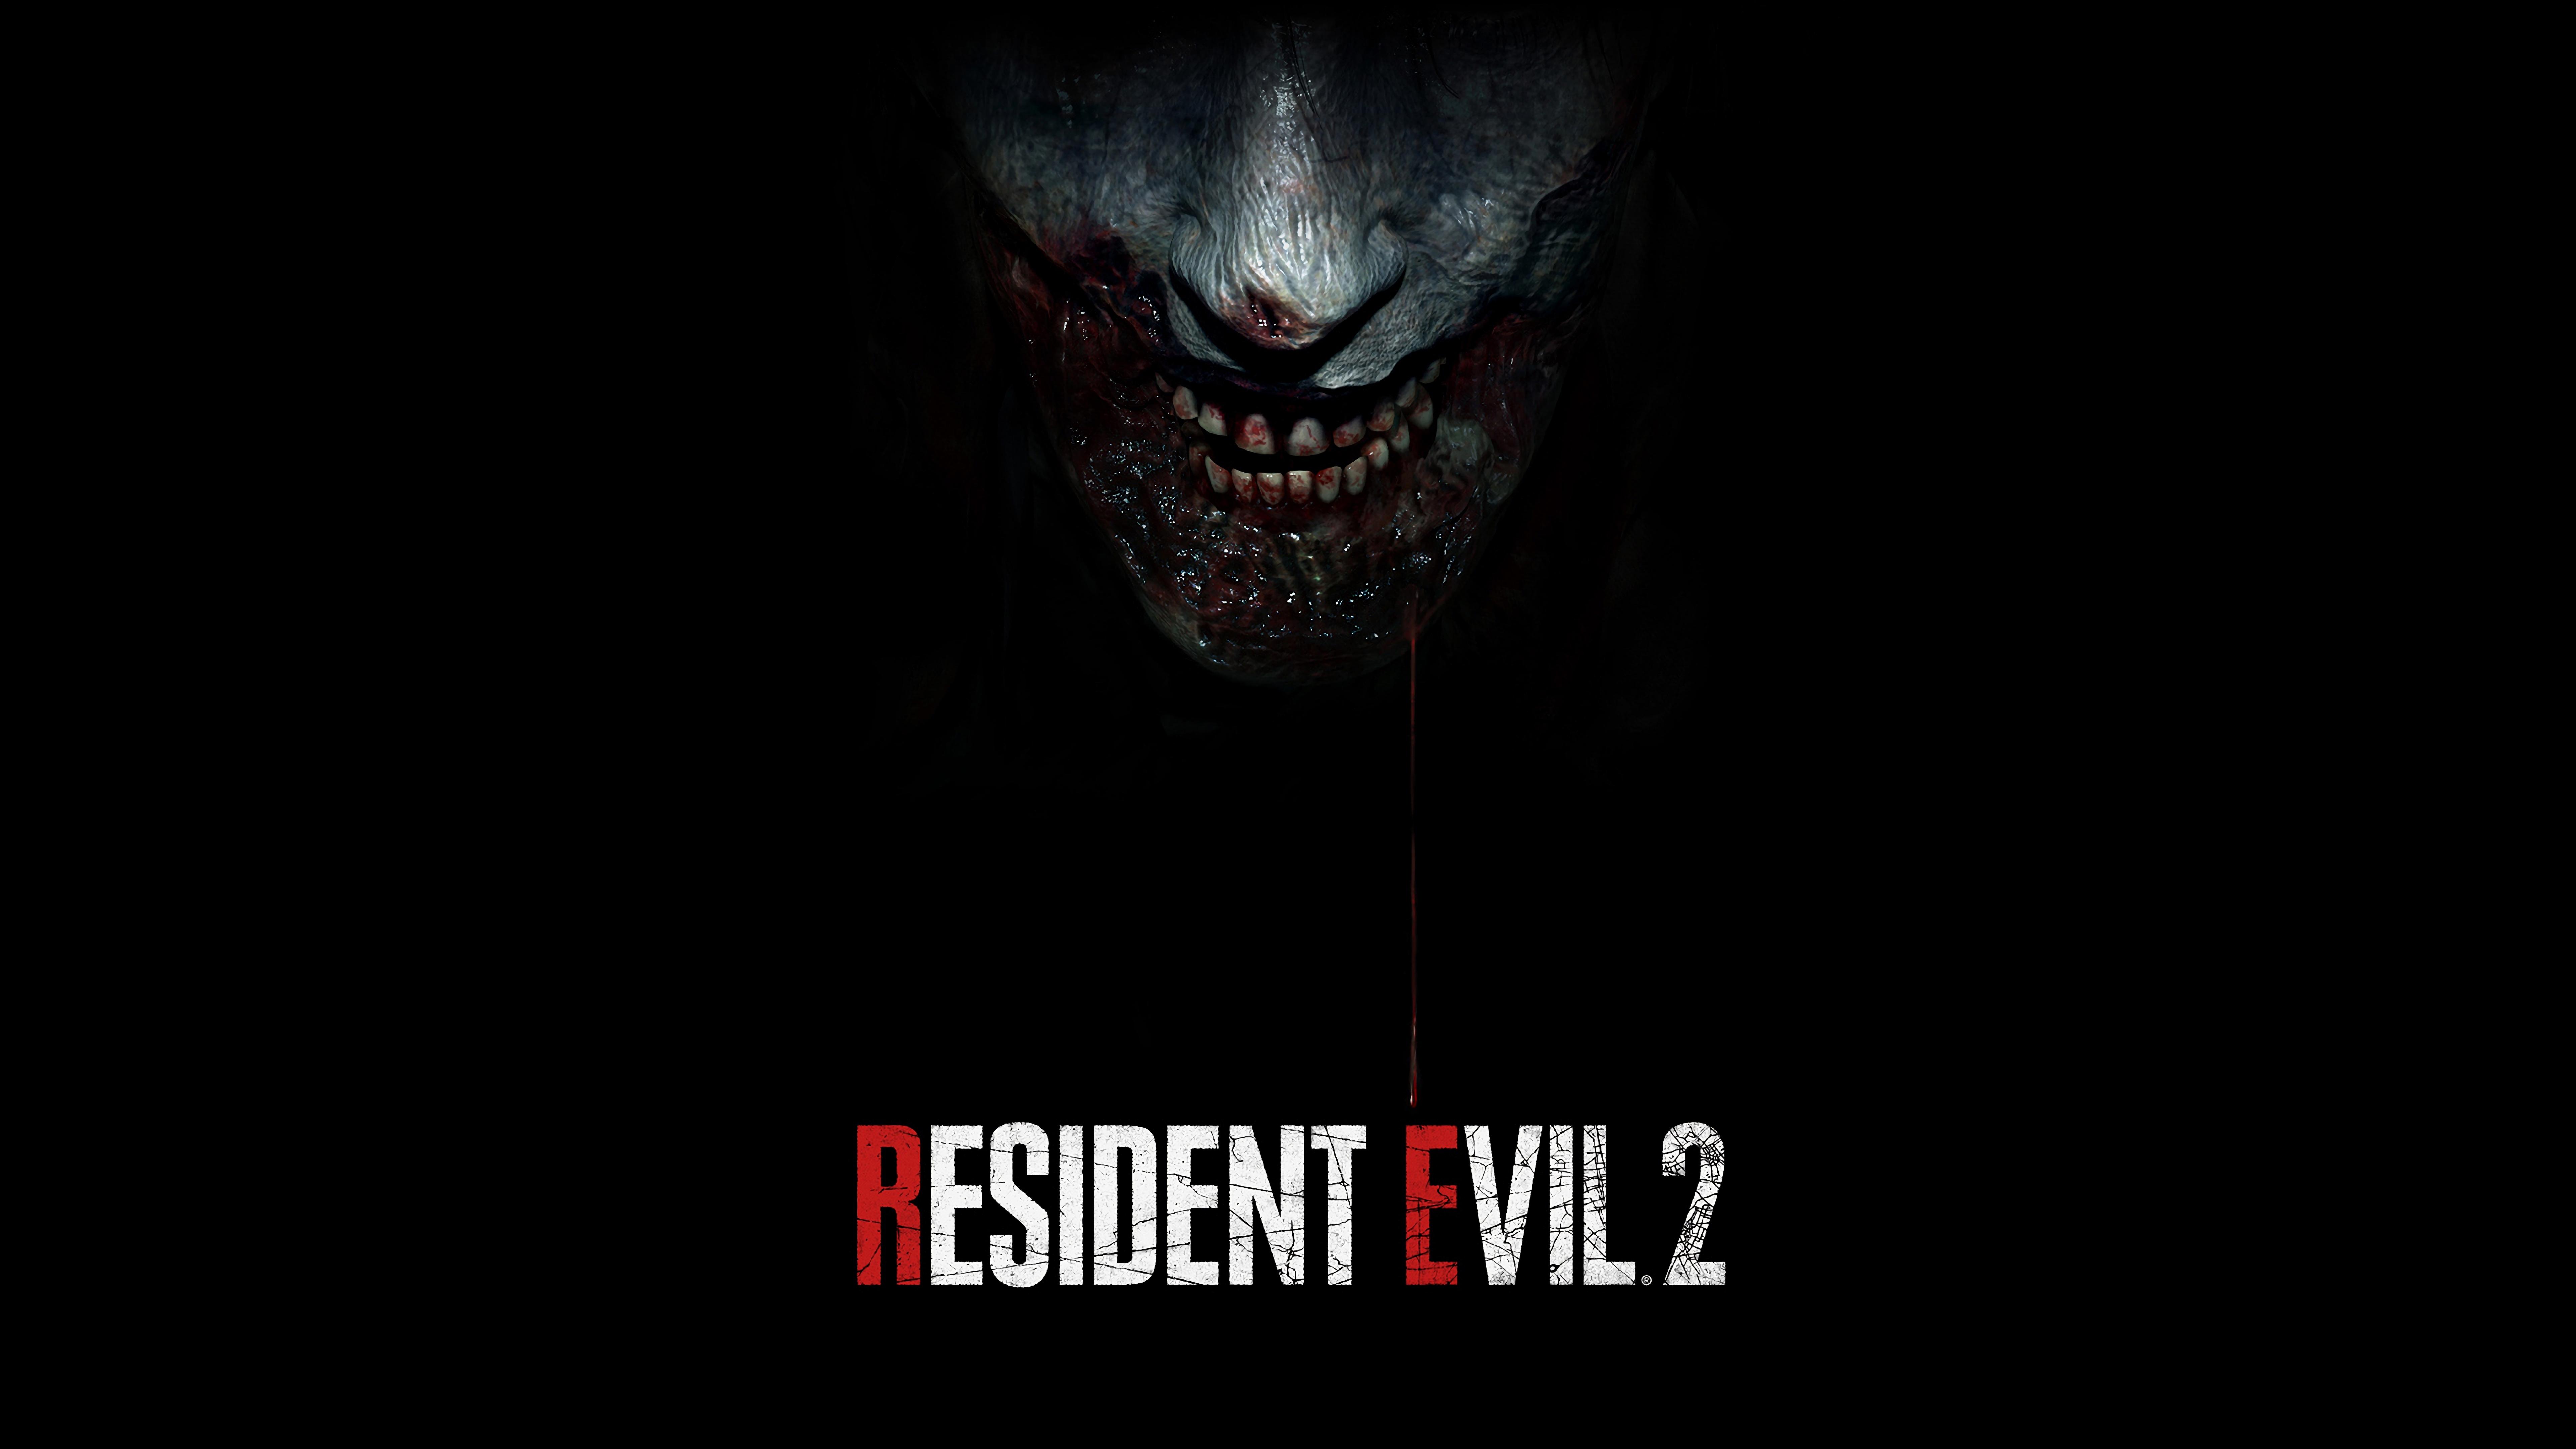 Resident Evil 2 Wallpaper: 2560x1440 Resident Evil 2 8k 1440P Resolution HD 4k